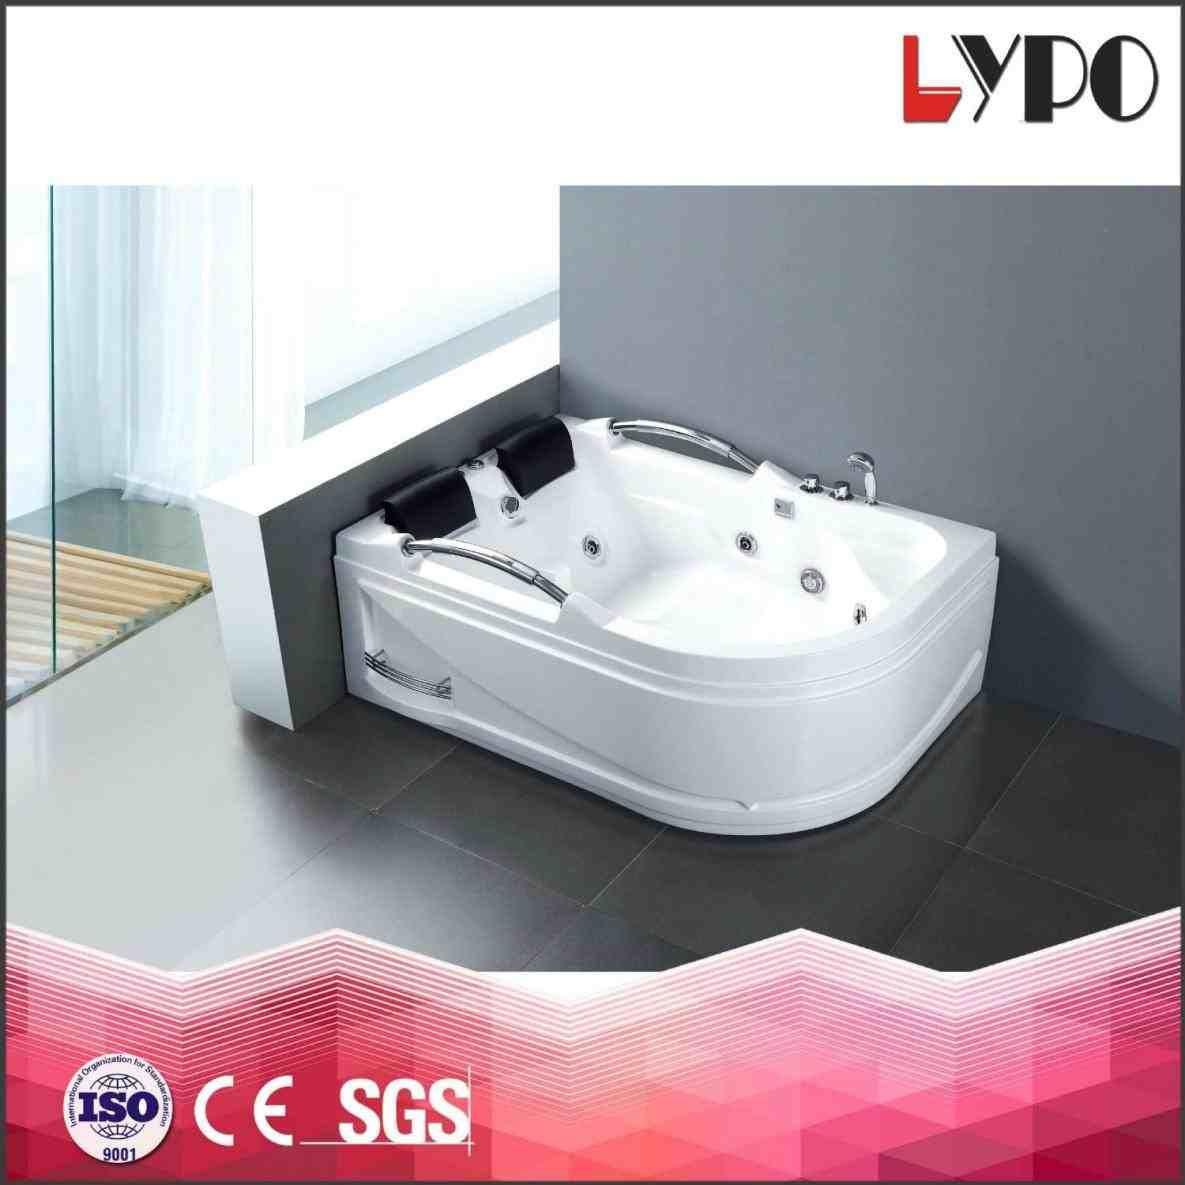 New Post whirlpool bathtubs for sale visit bathroomremodelideass ...